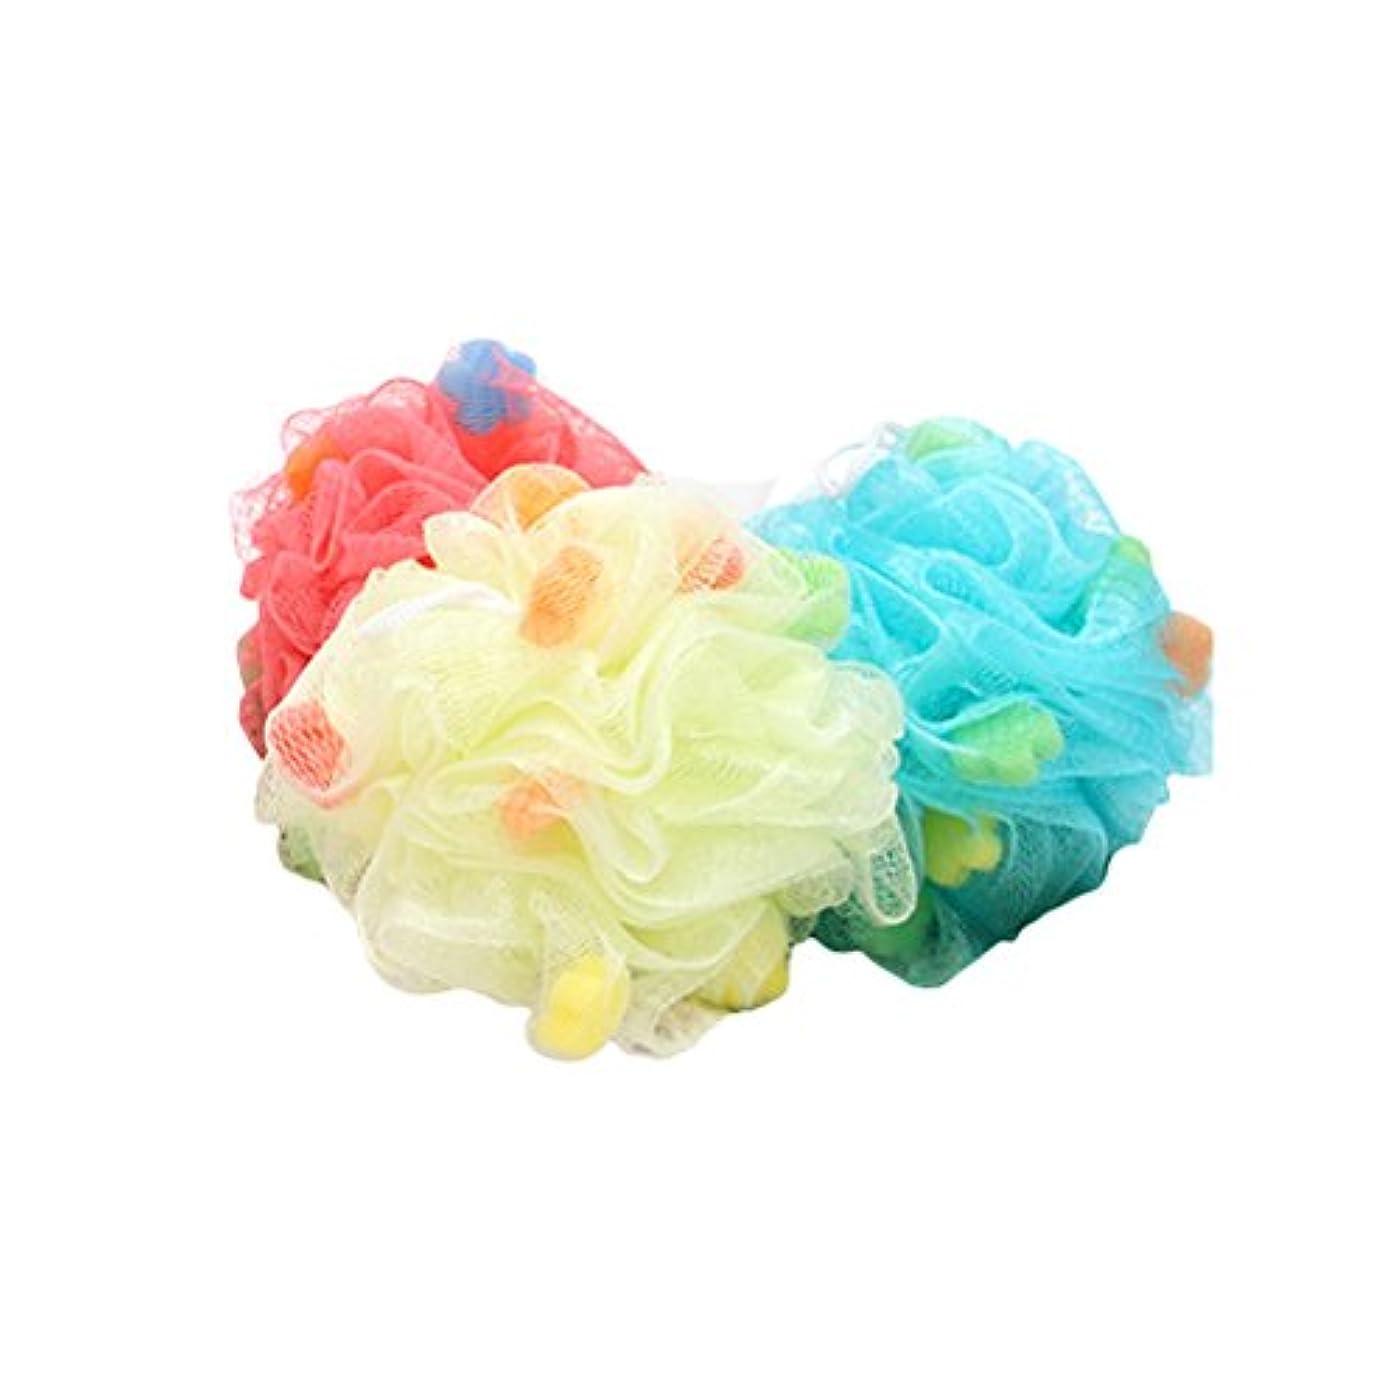 複雑な出口完了Healifty ボディースポンジ 泡立てネット フラワーボール シャワー用 バス用品 背中も洗える メッシュ ボディ洗い 泡肌美人(ランダム色)3個